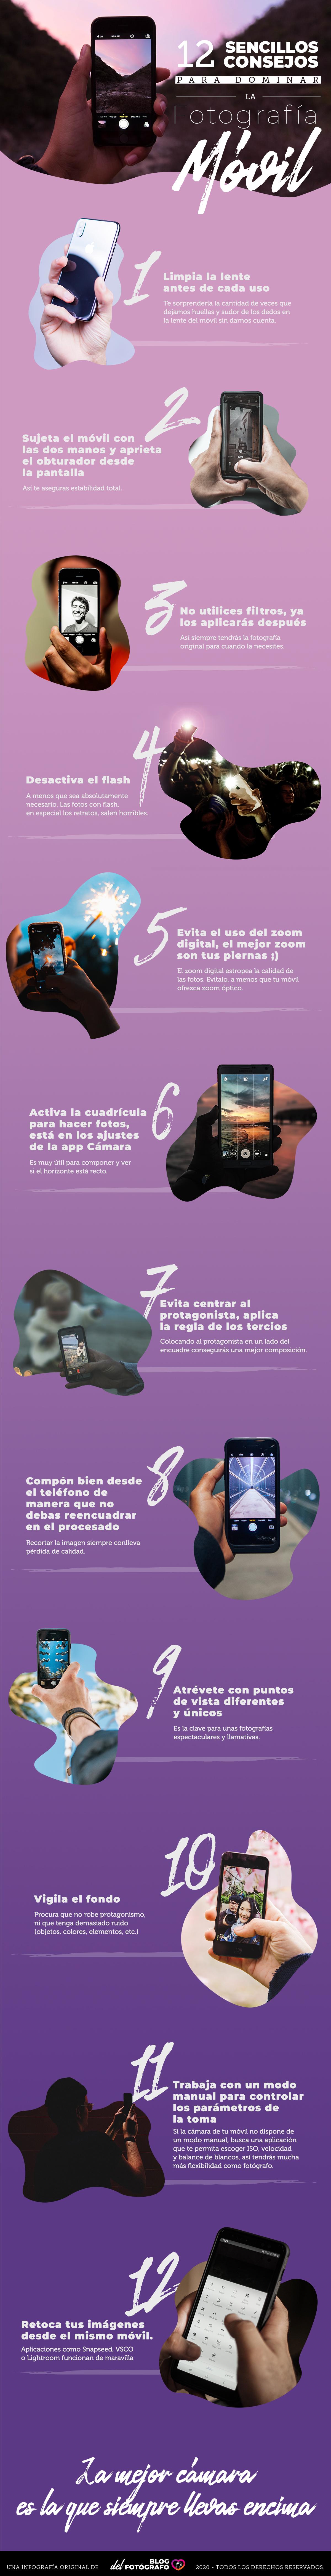 Infografía: 12 Consejos para Dominar la Fotografía Móvil